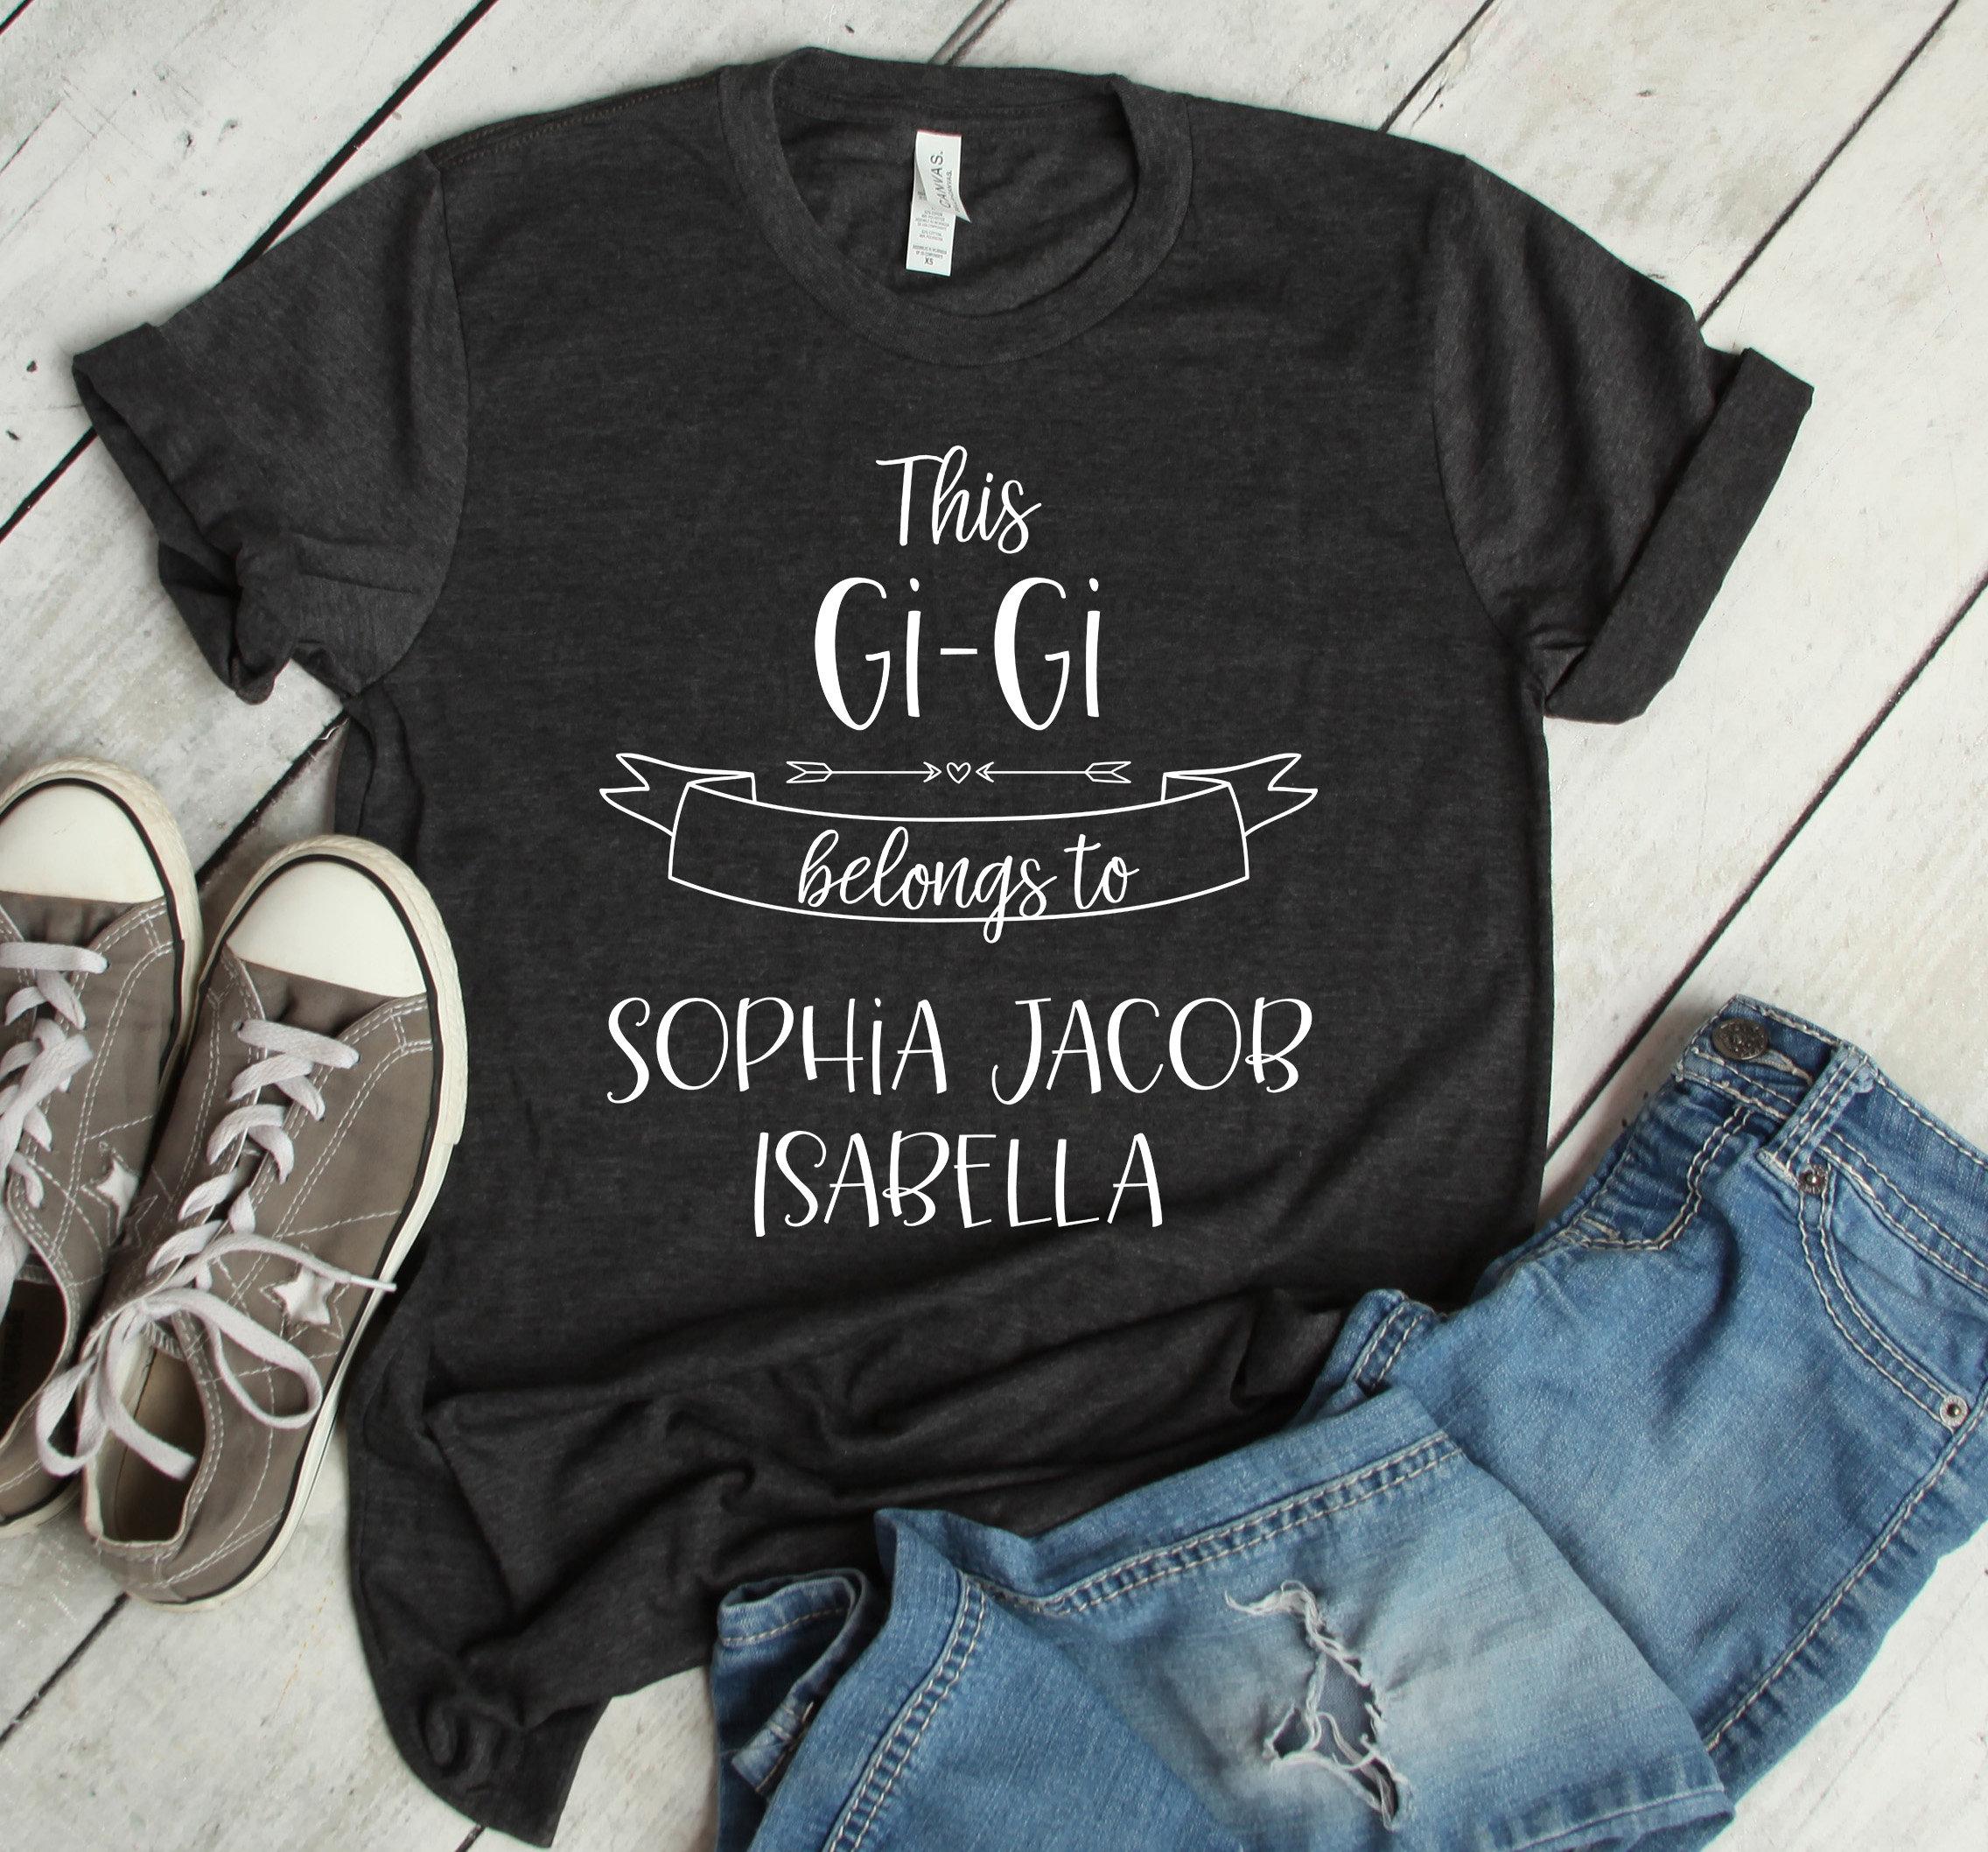 ce GiGi appartient chemise à la chemise, cadeaux grand-mère sur mesure,  chemise appartient de nana, cadeaux pour grand-maman, nouveau cadeau de  grand-maman, ... 5a5d049fbf52